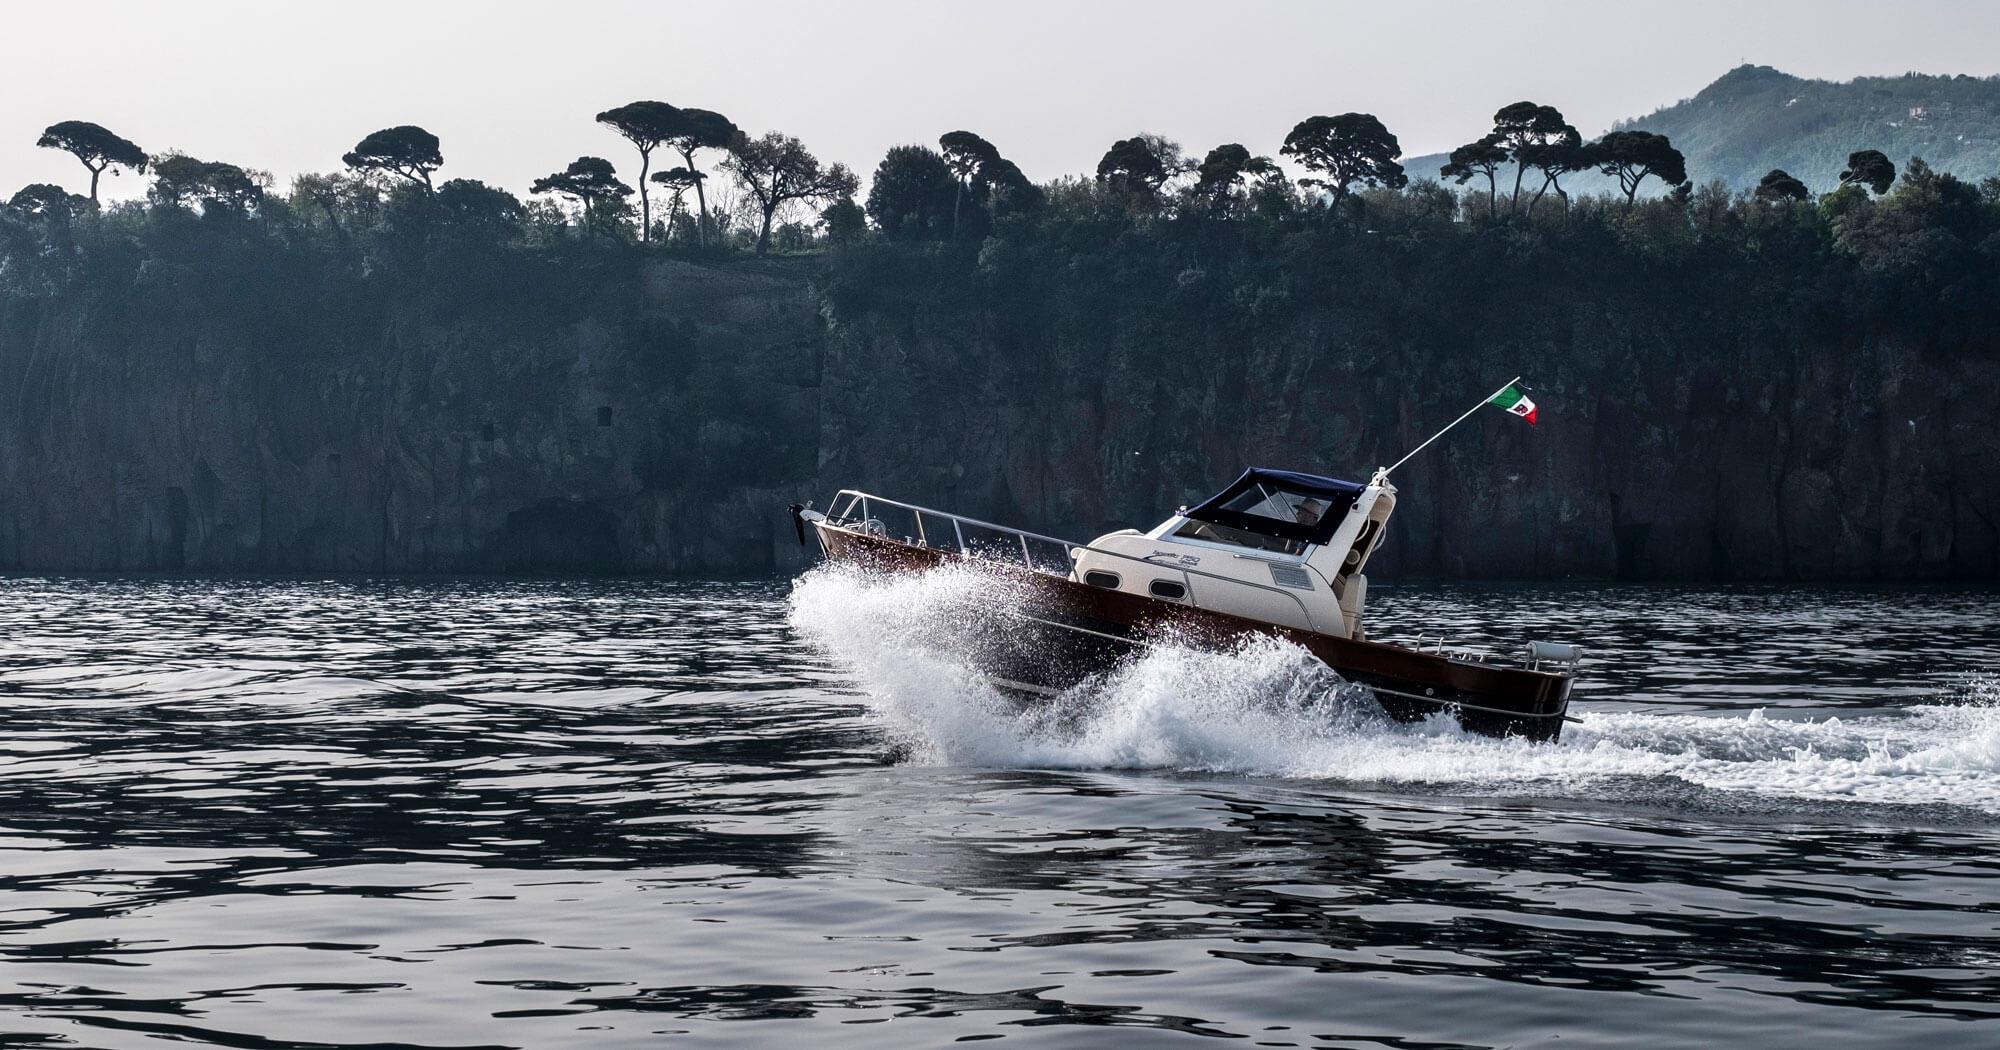 Approdo boat private excursion